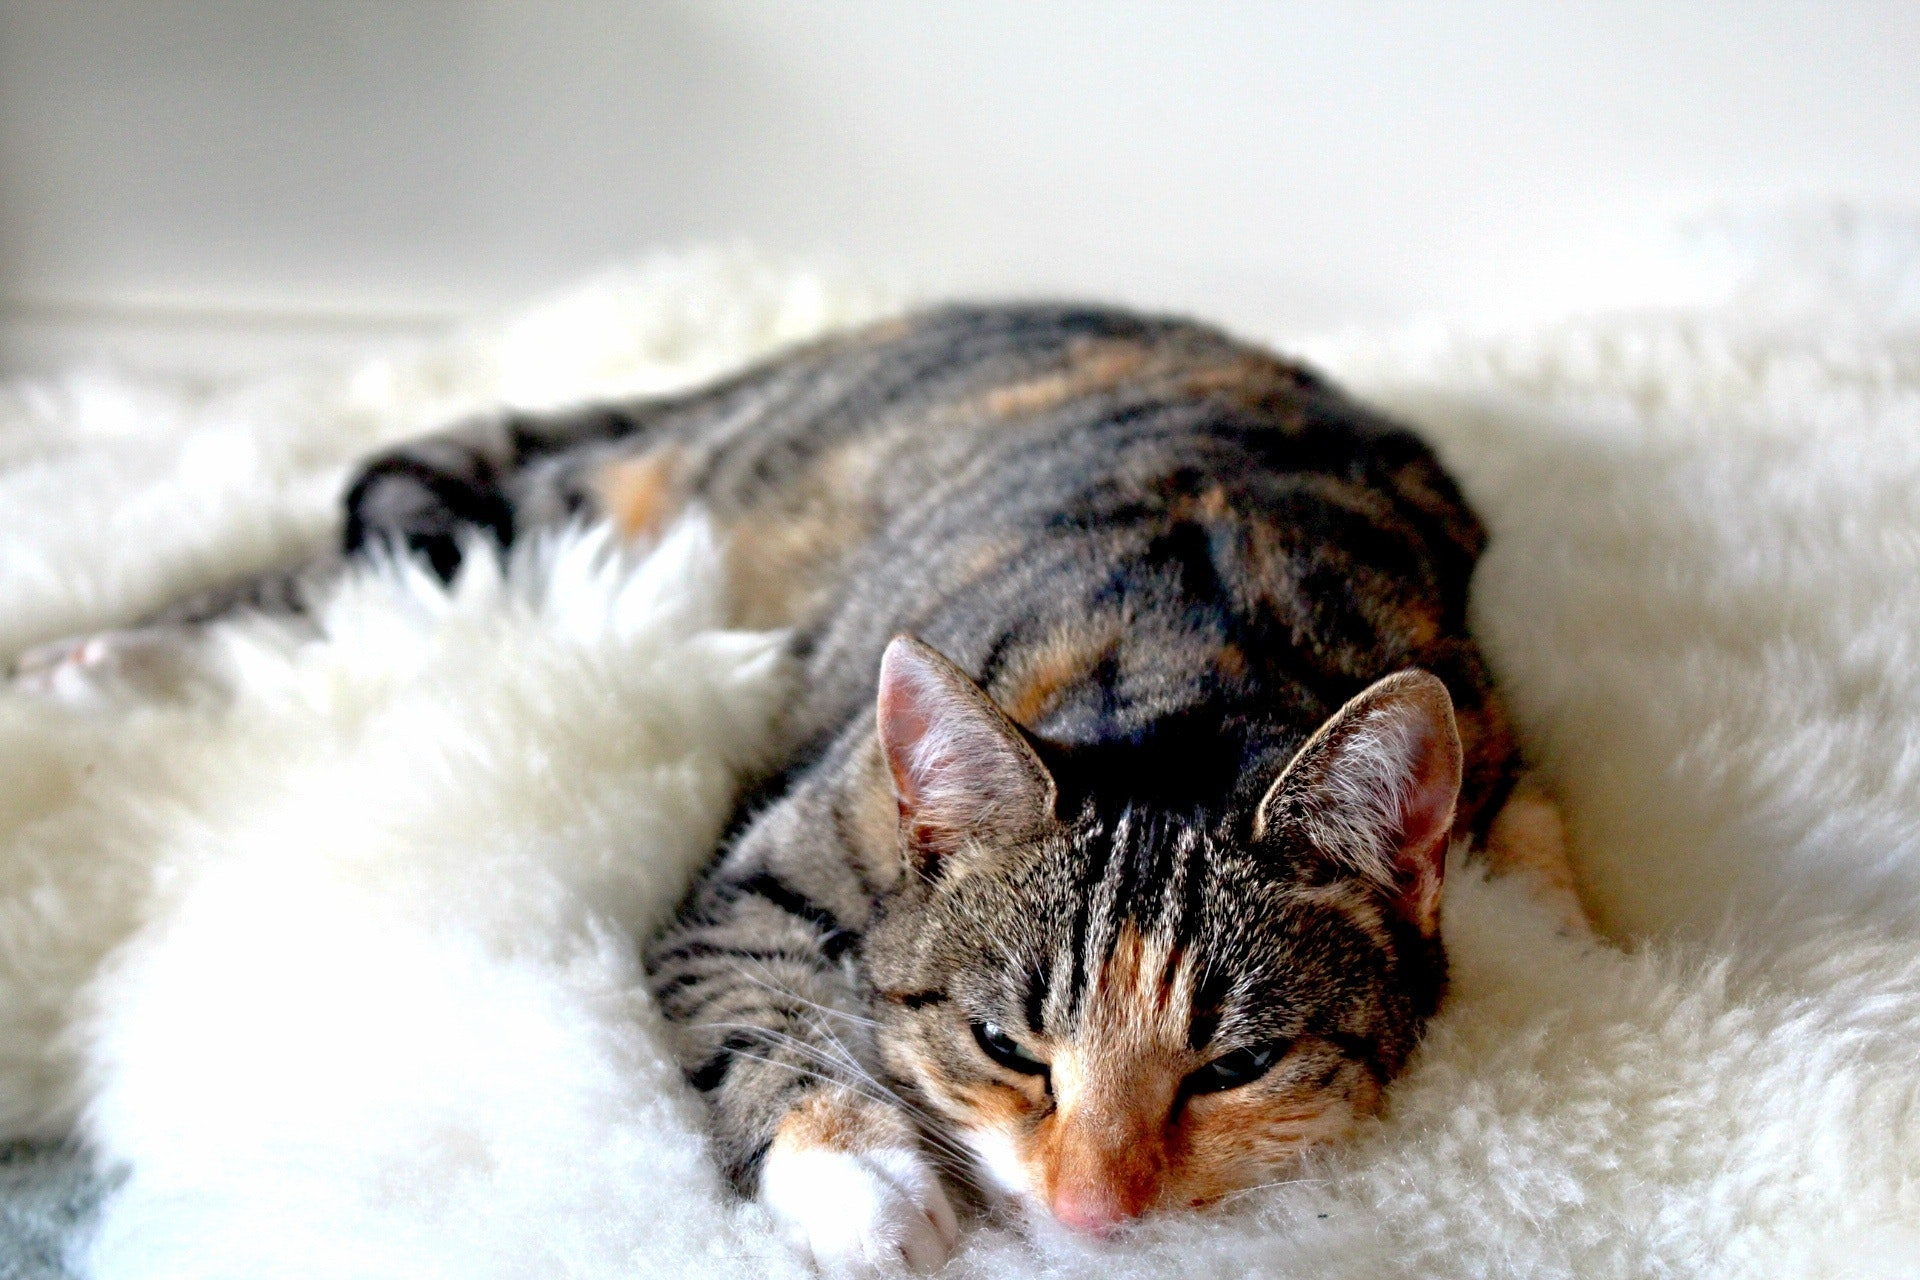 adorable-animal-asleep-266784.jpg